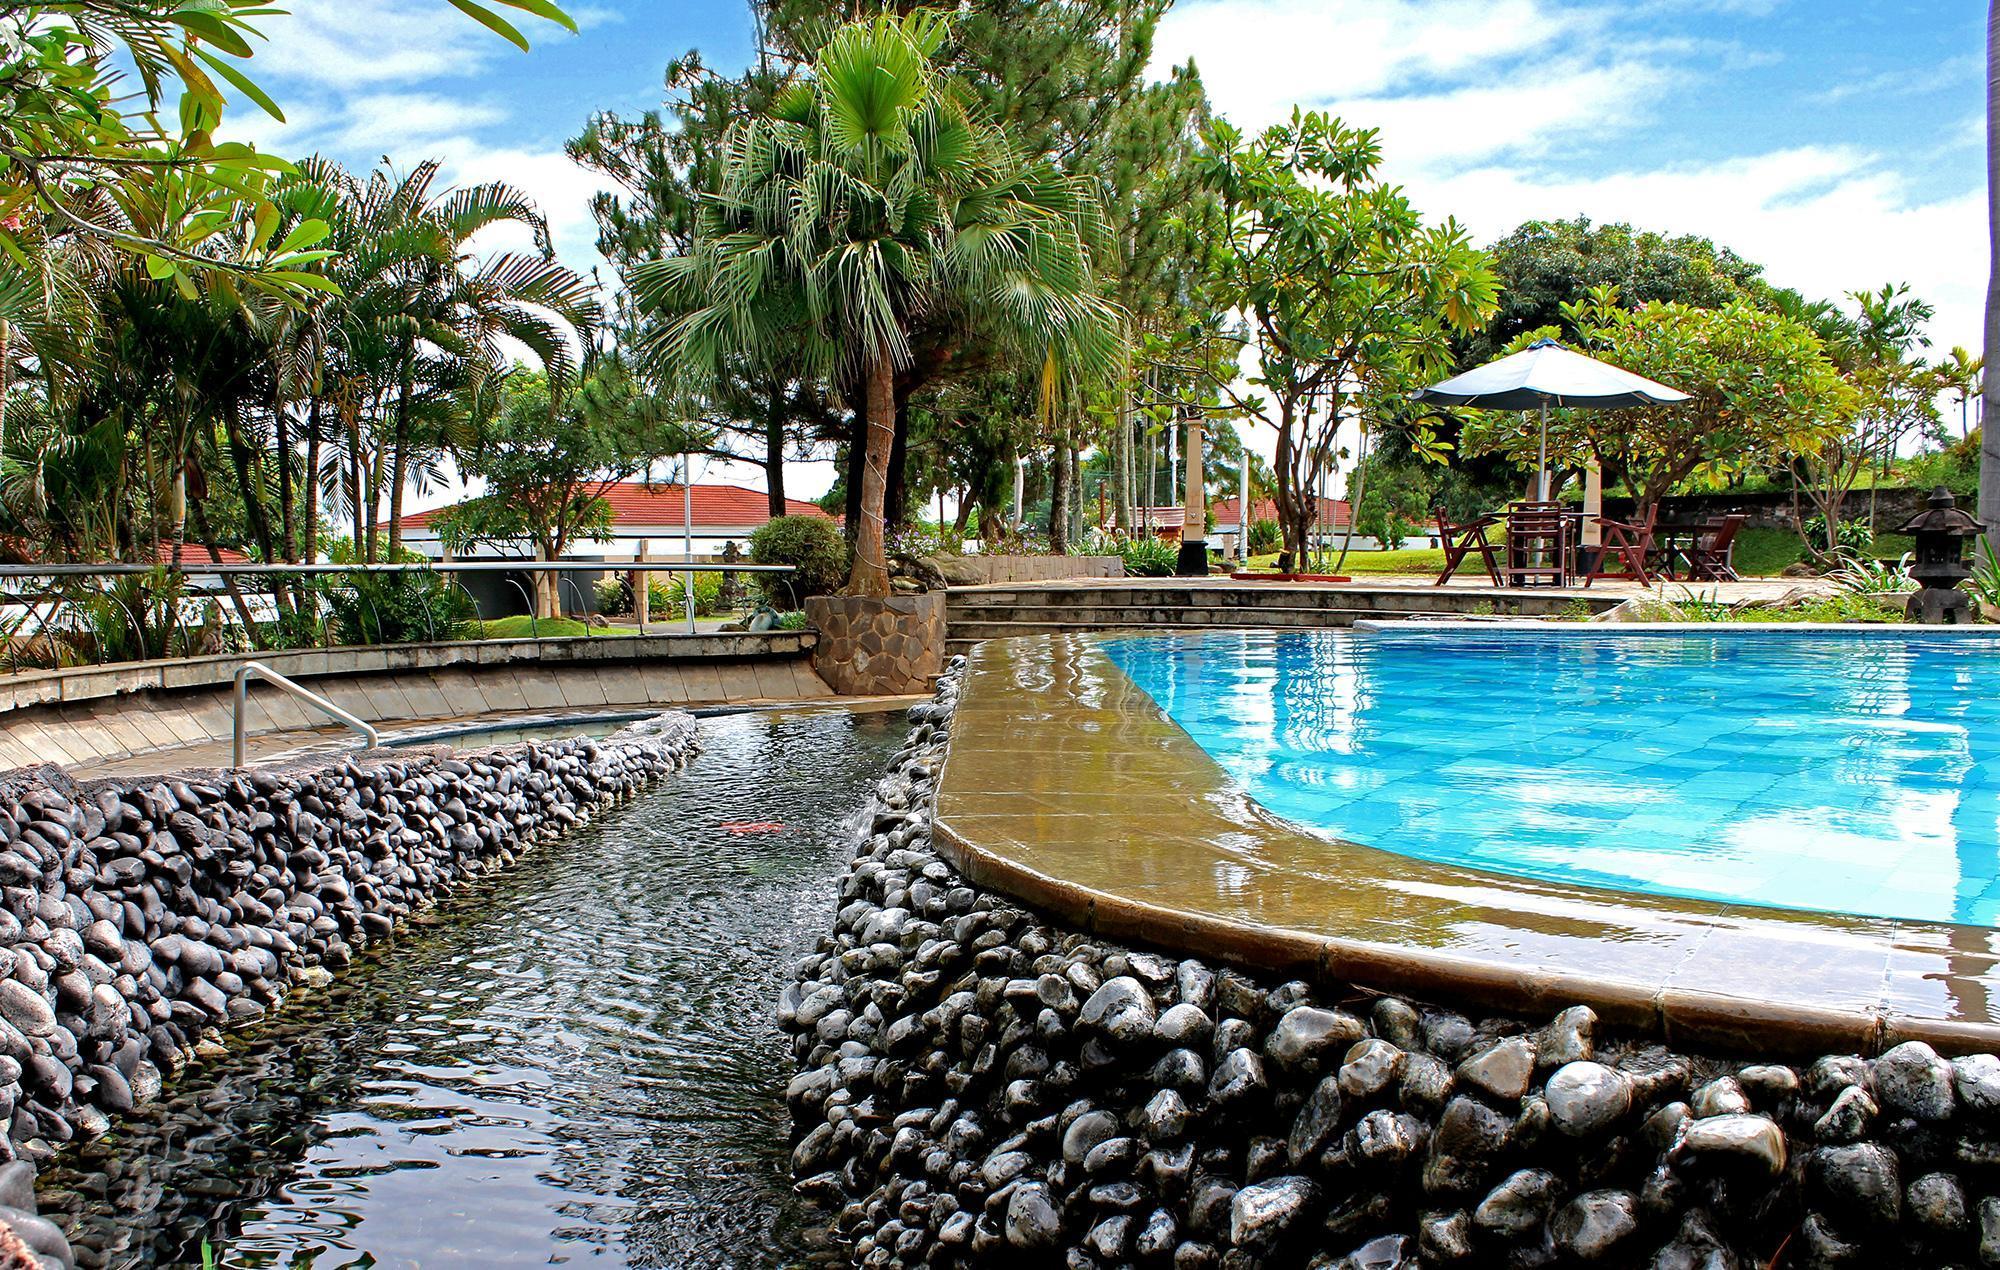 Patra Hotel And Convention Semarang